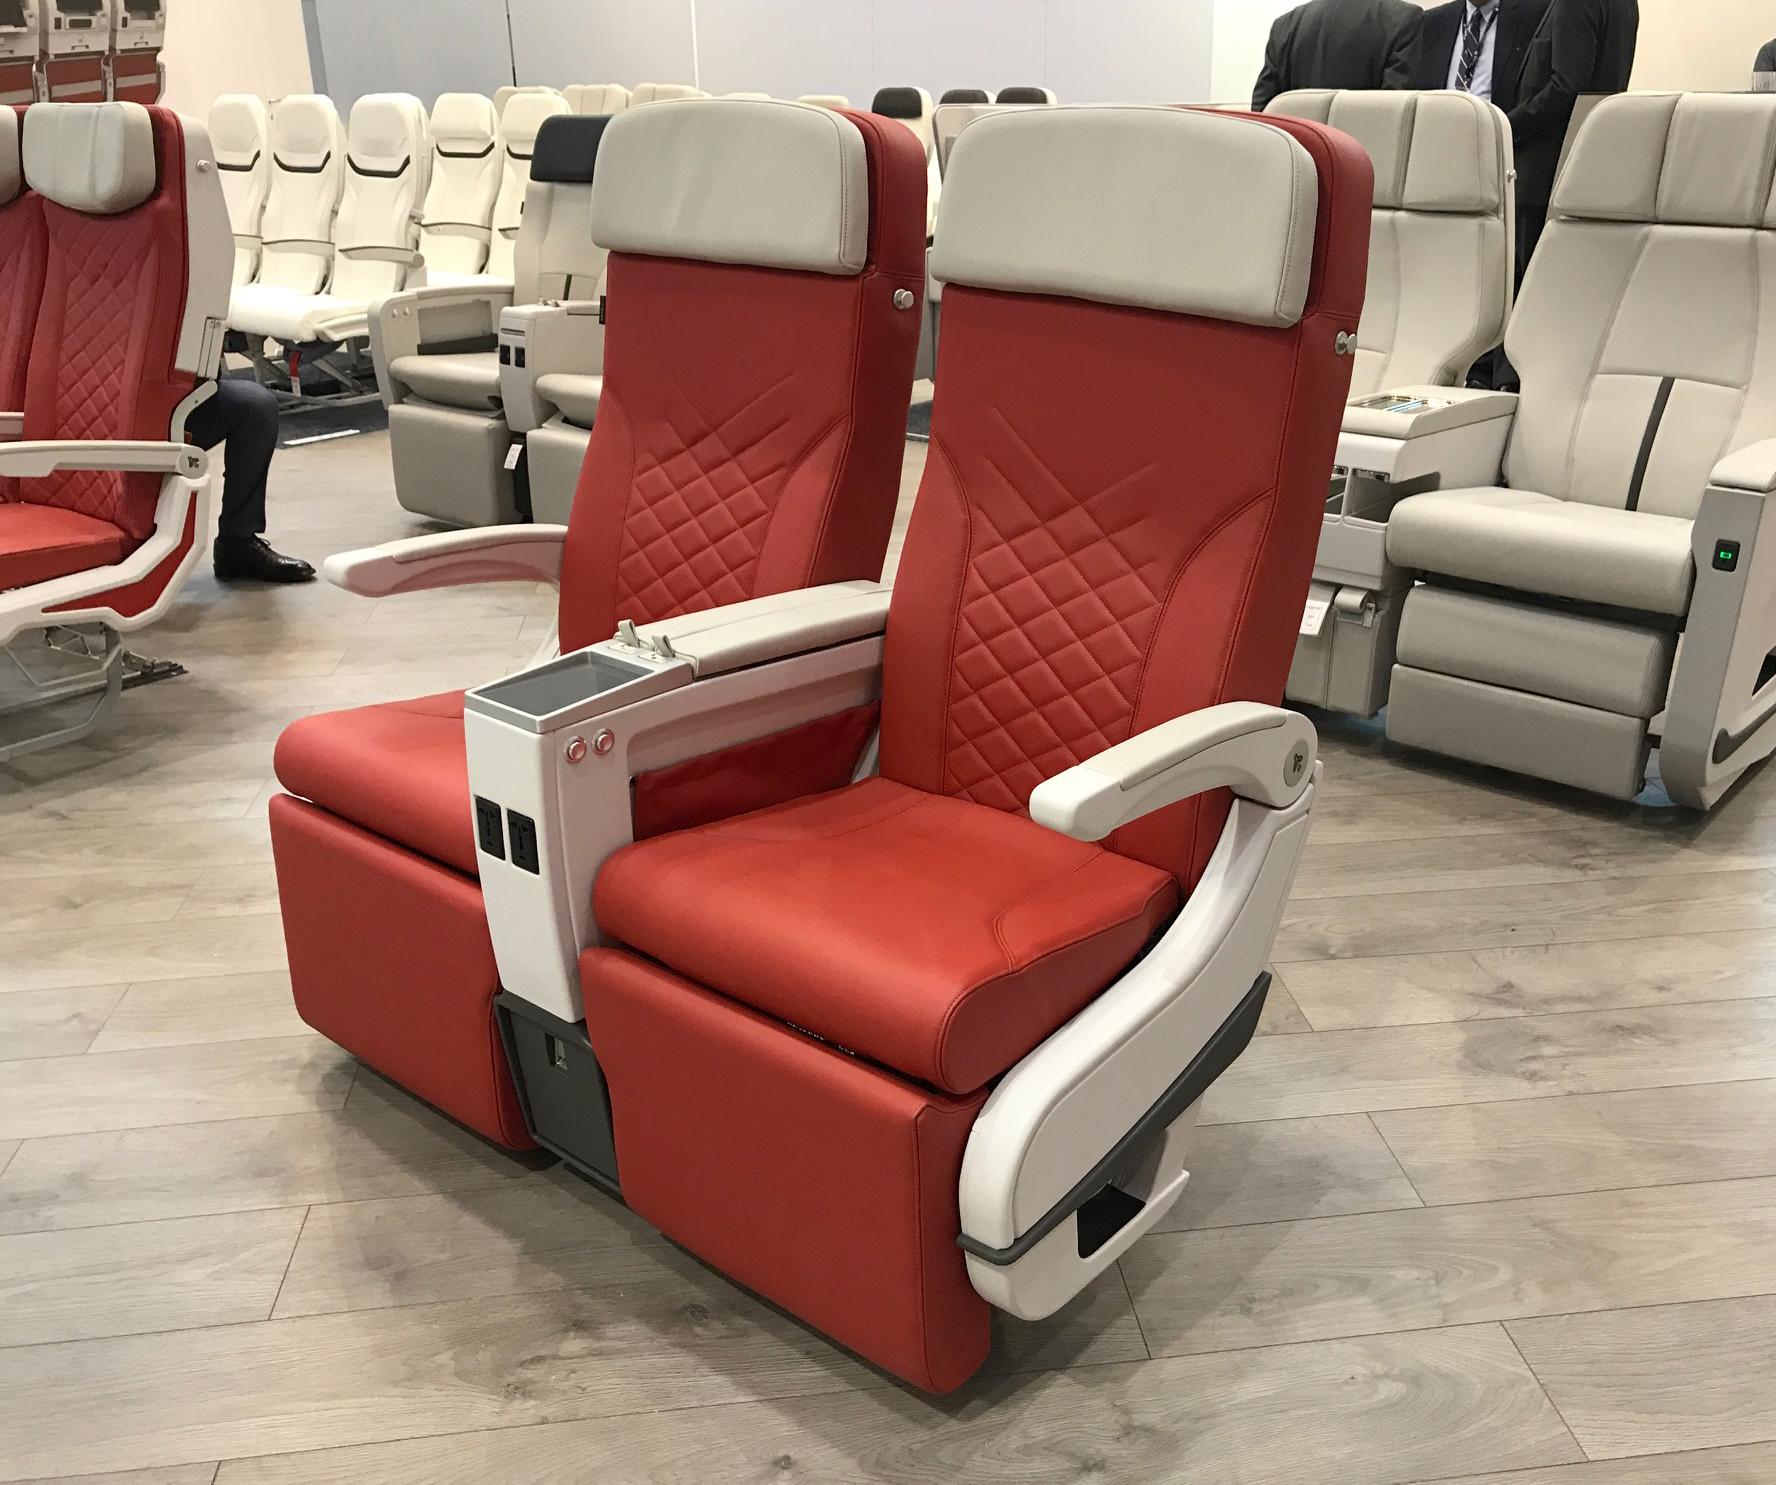 Aviointeriors new Premium Economy Class seat – CARAVAGGIO